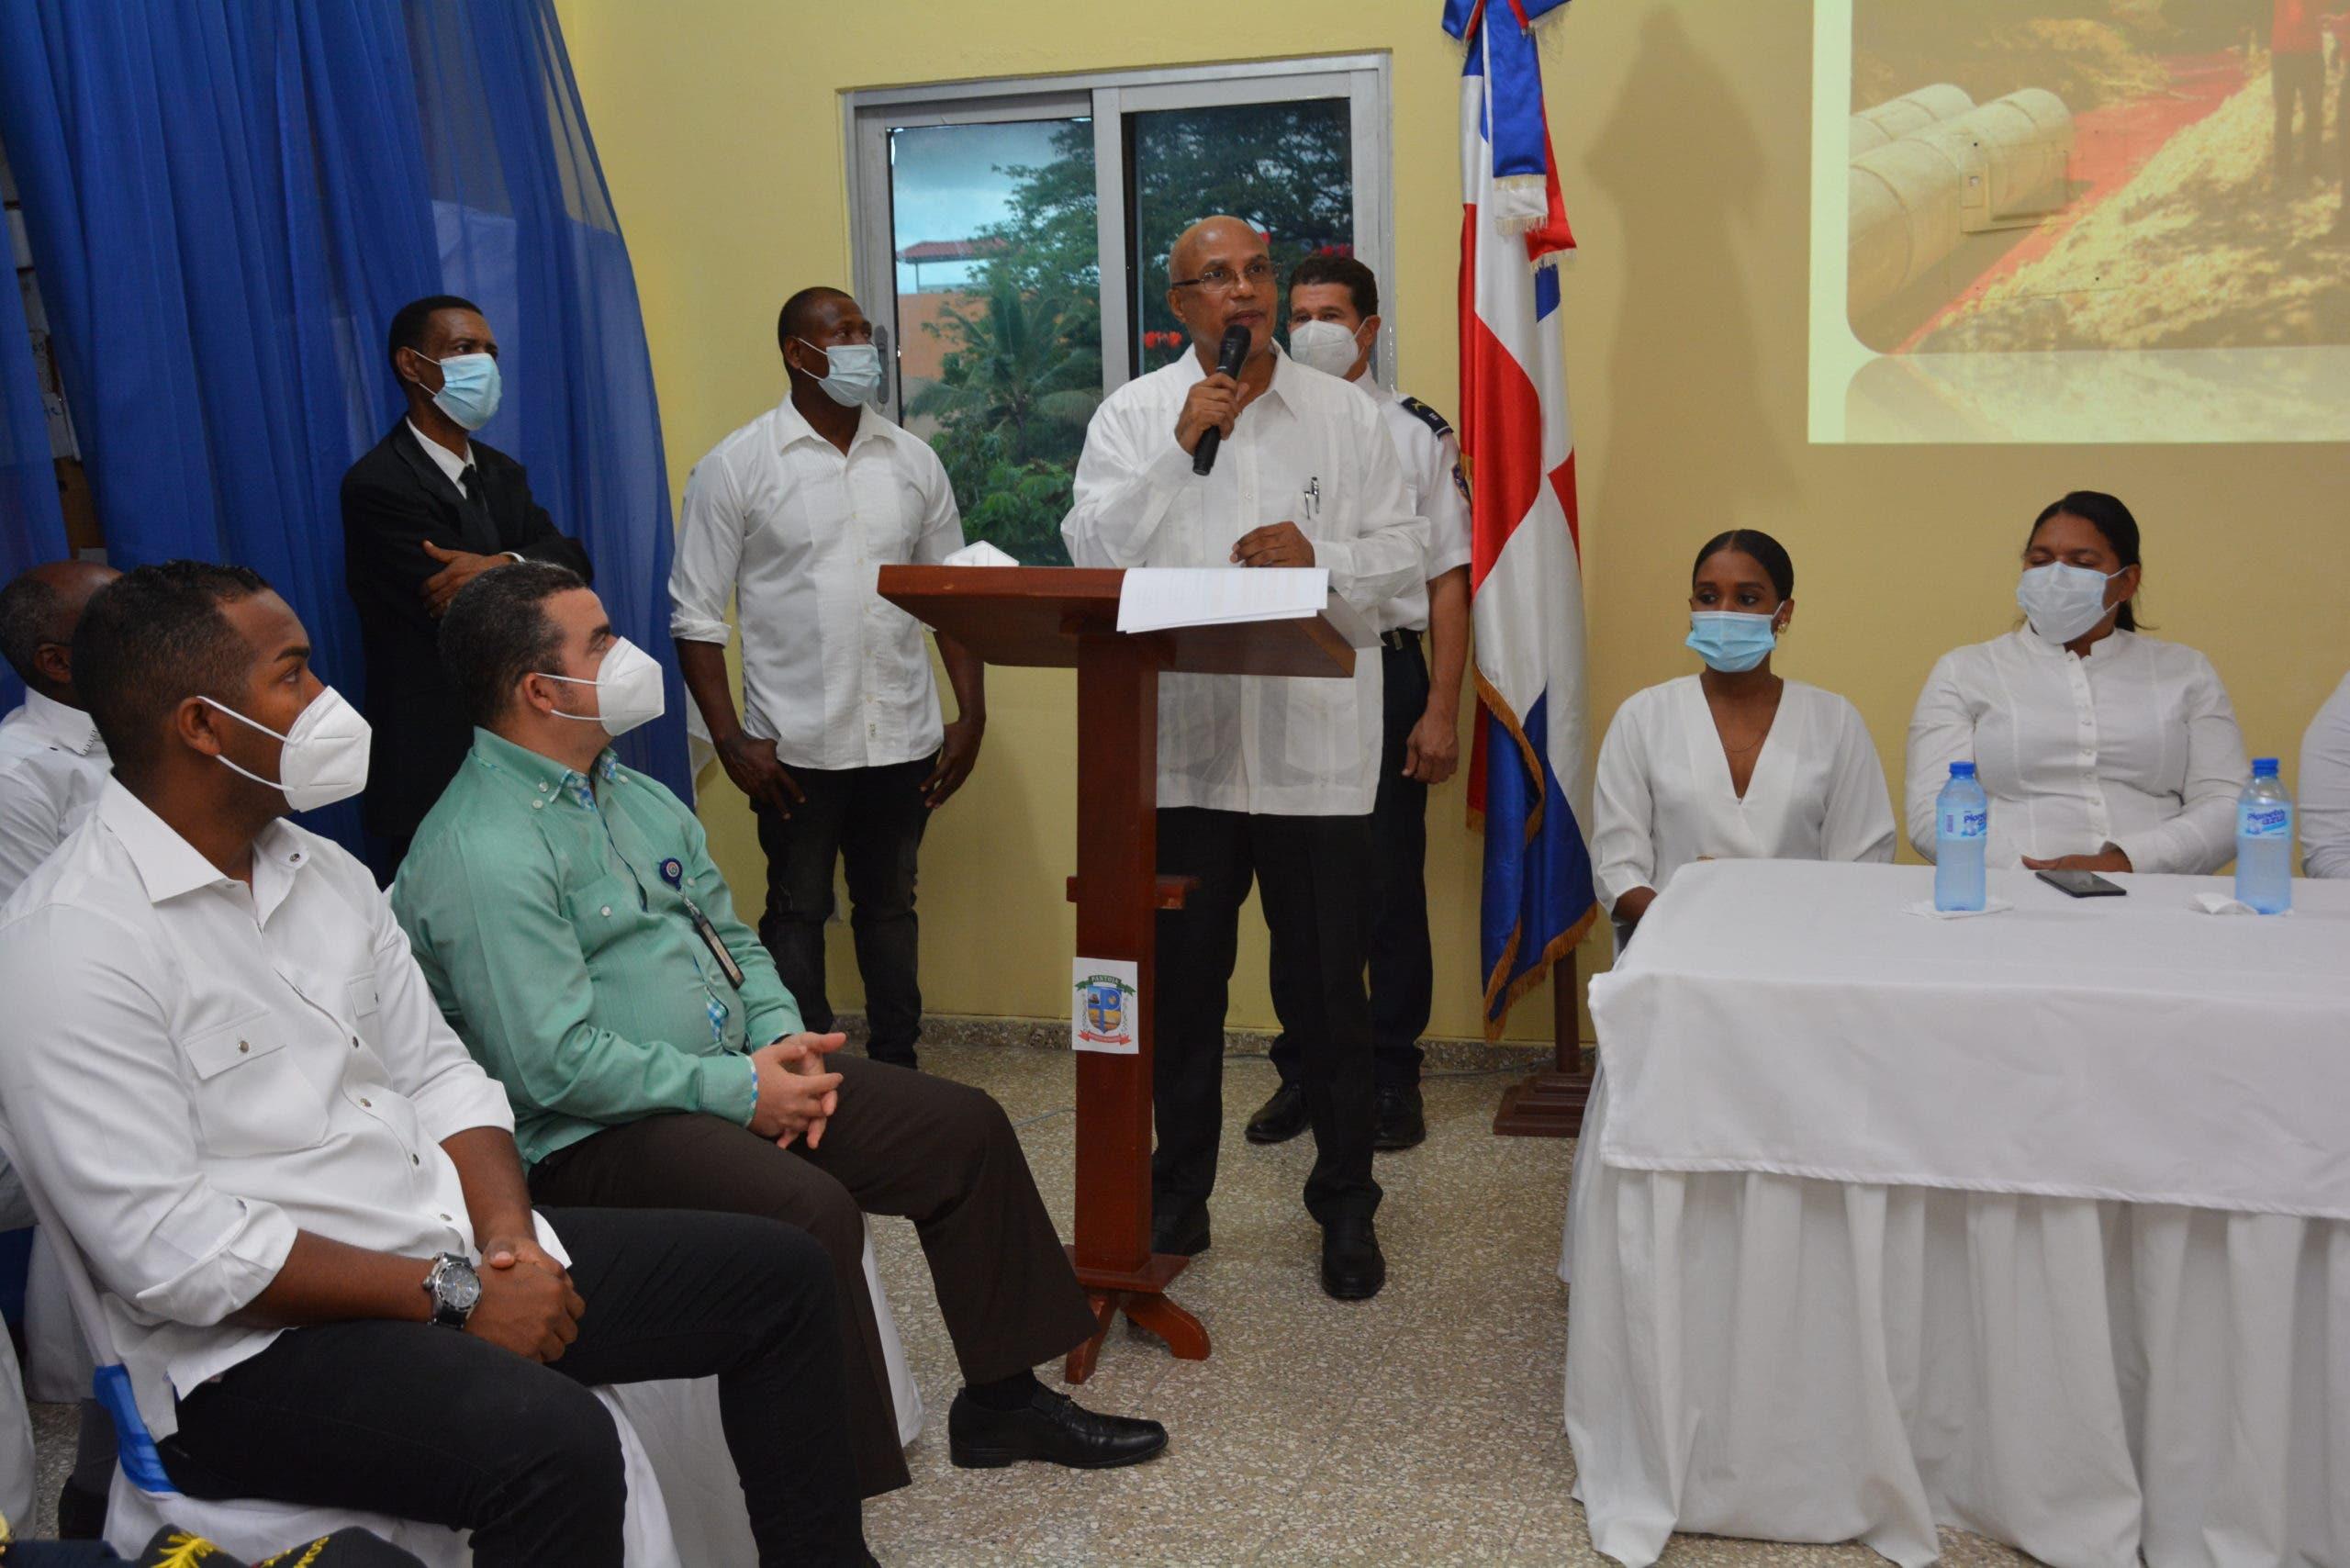 Alcalde de Pantoja dice encontró deuda supera los RD$ 50 millones